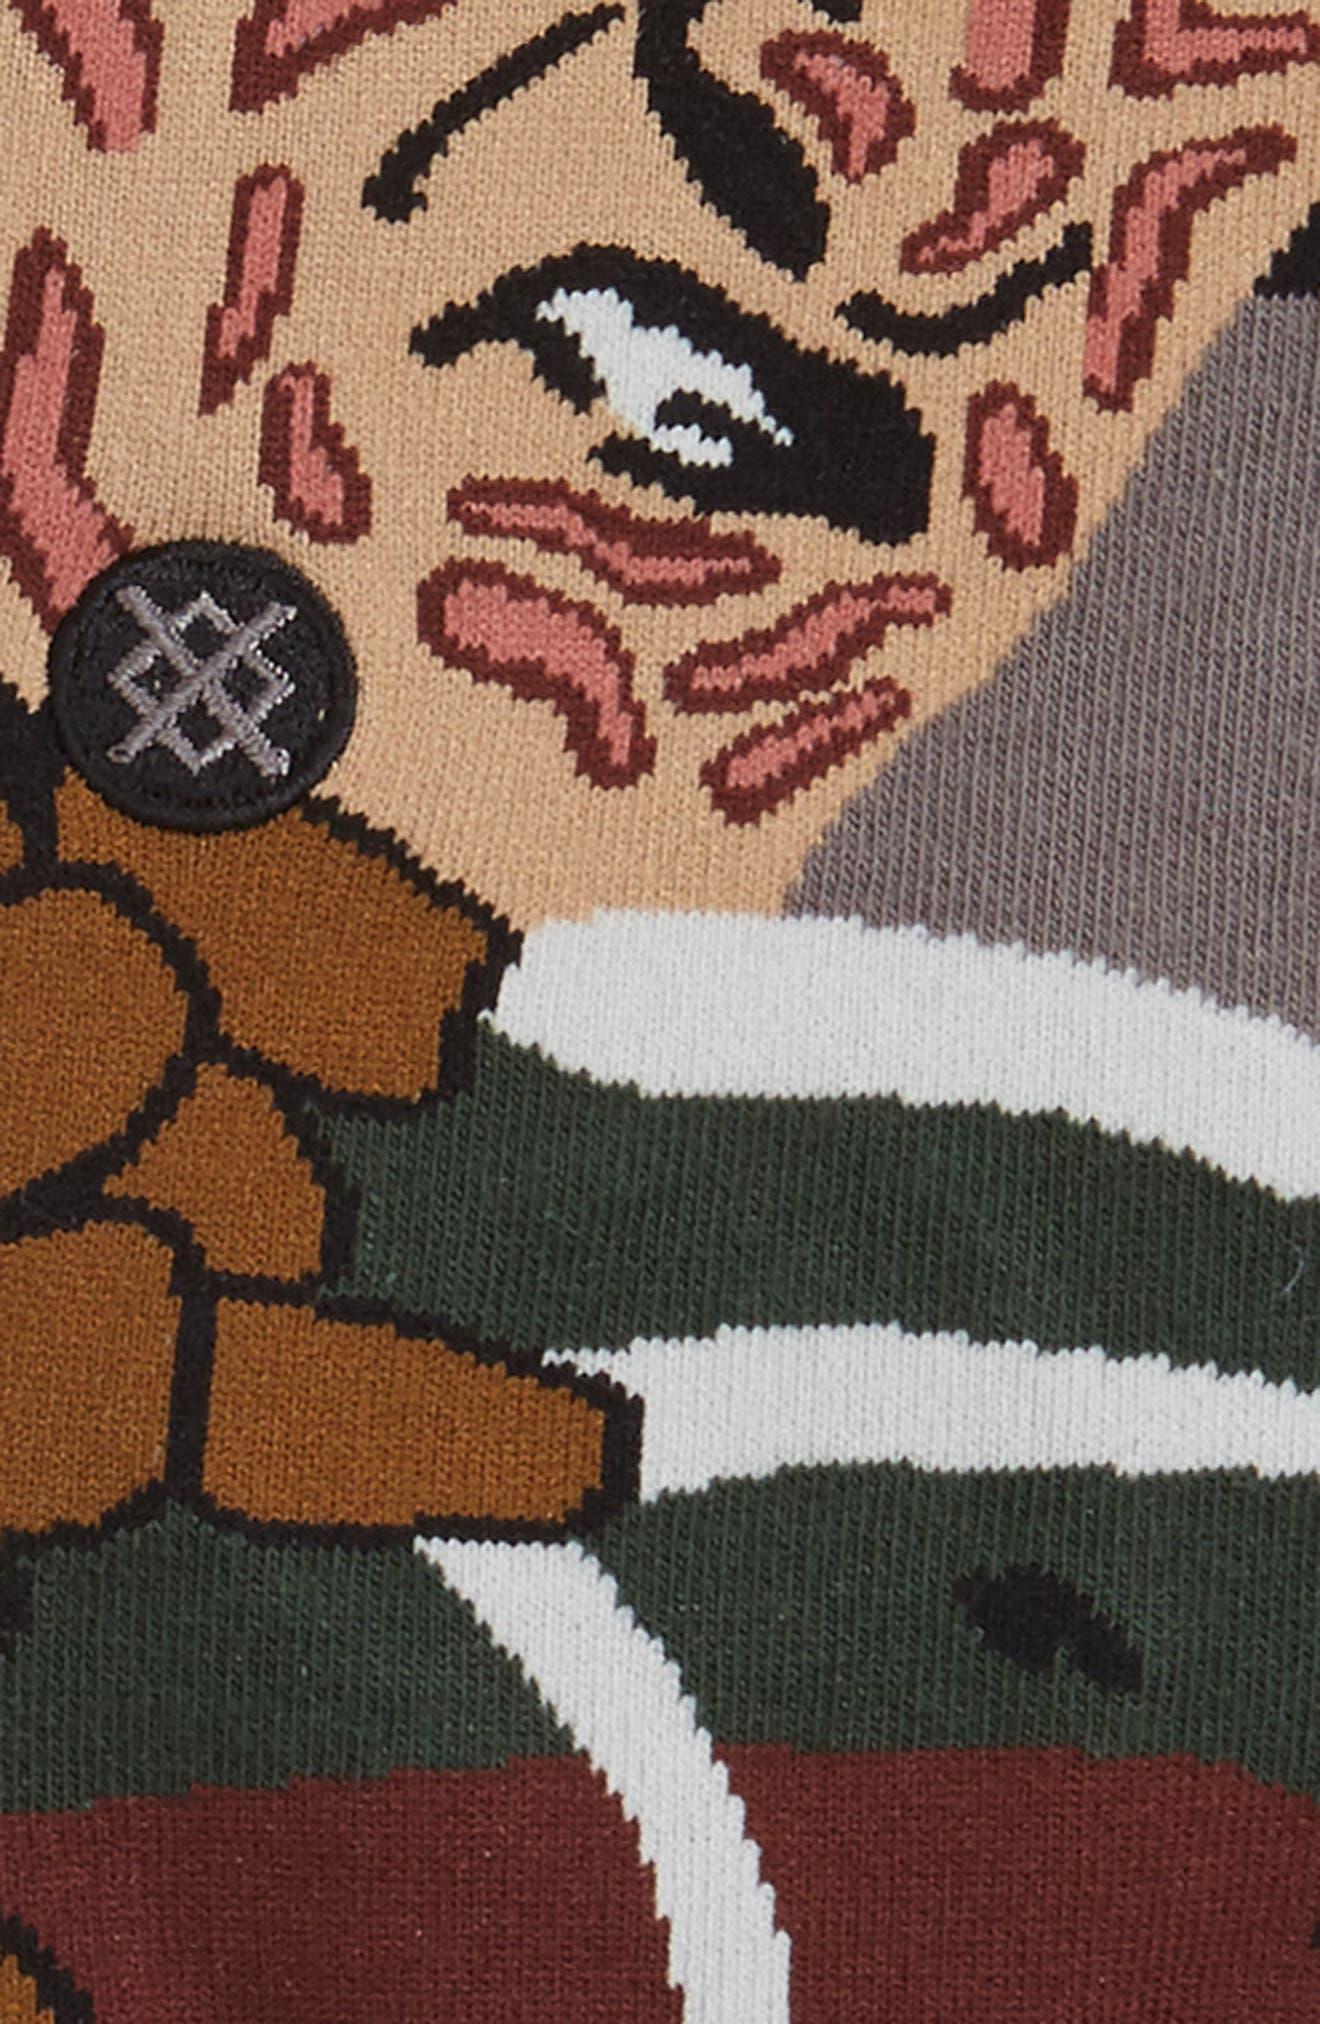 Freddy Krueger - Legends of Horror Socks,                             Alternate thumbnail 2, color,                             001